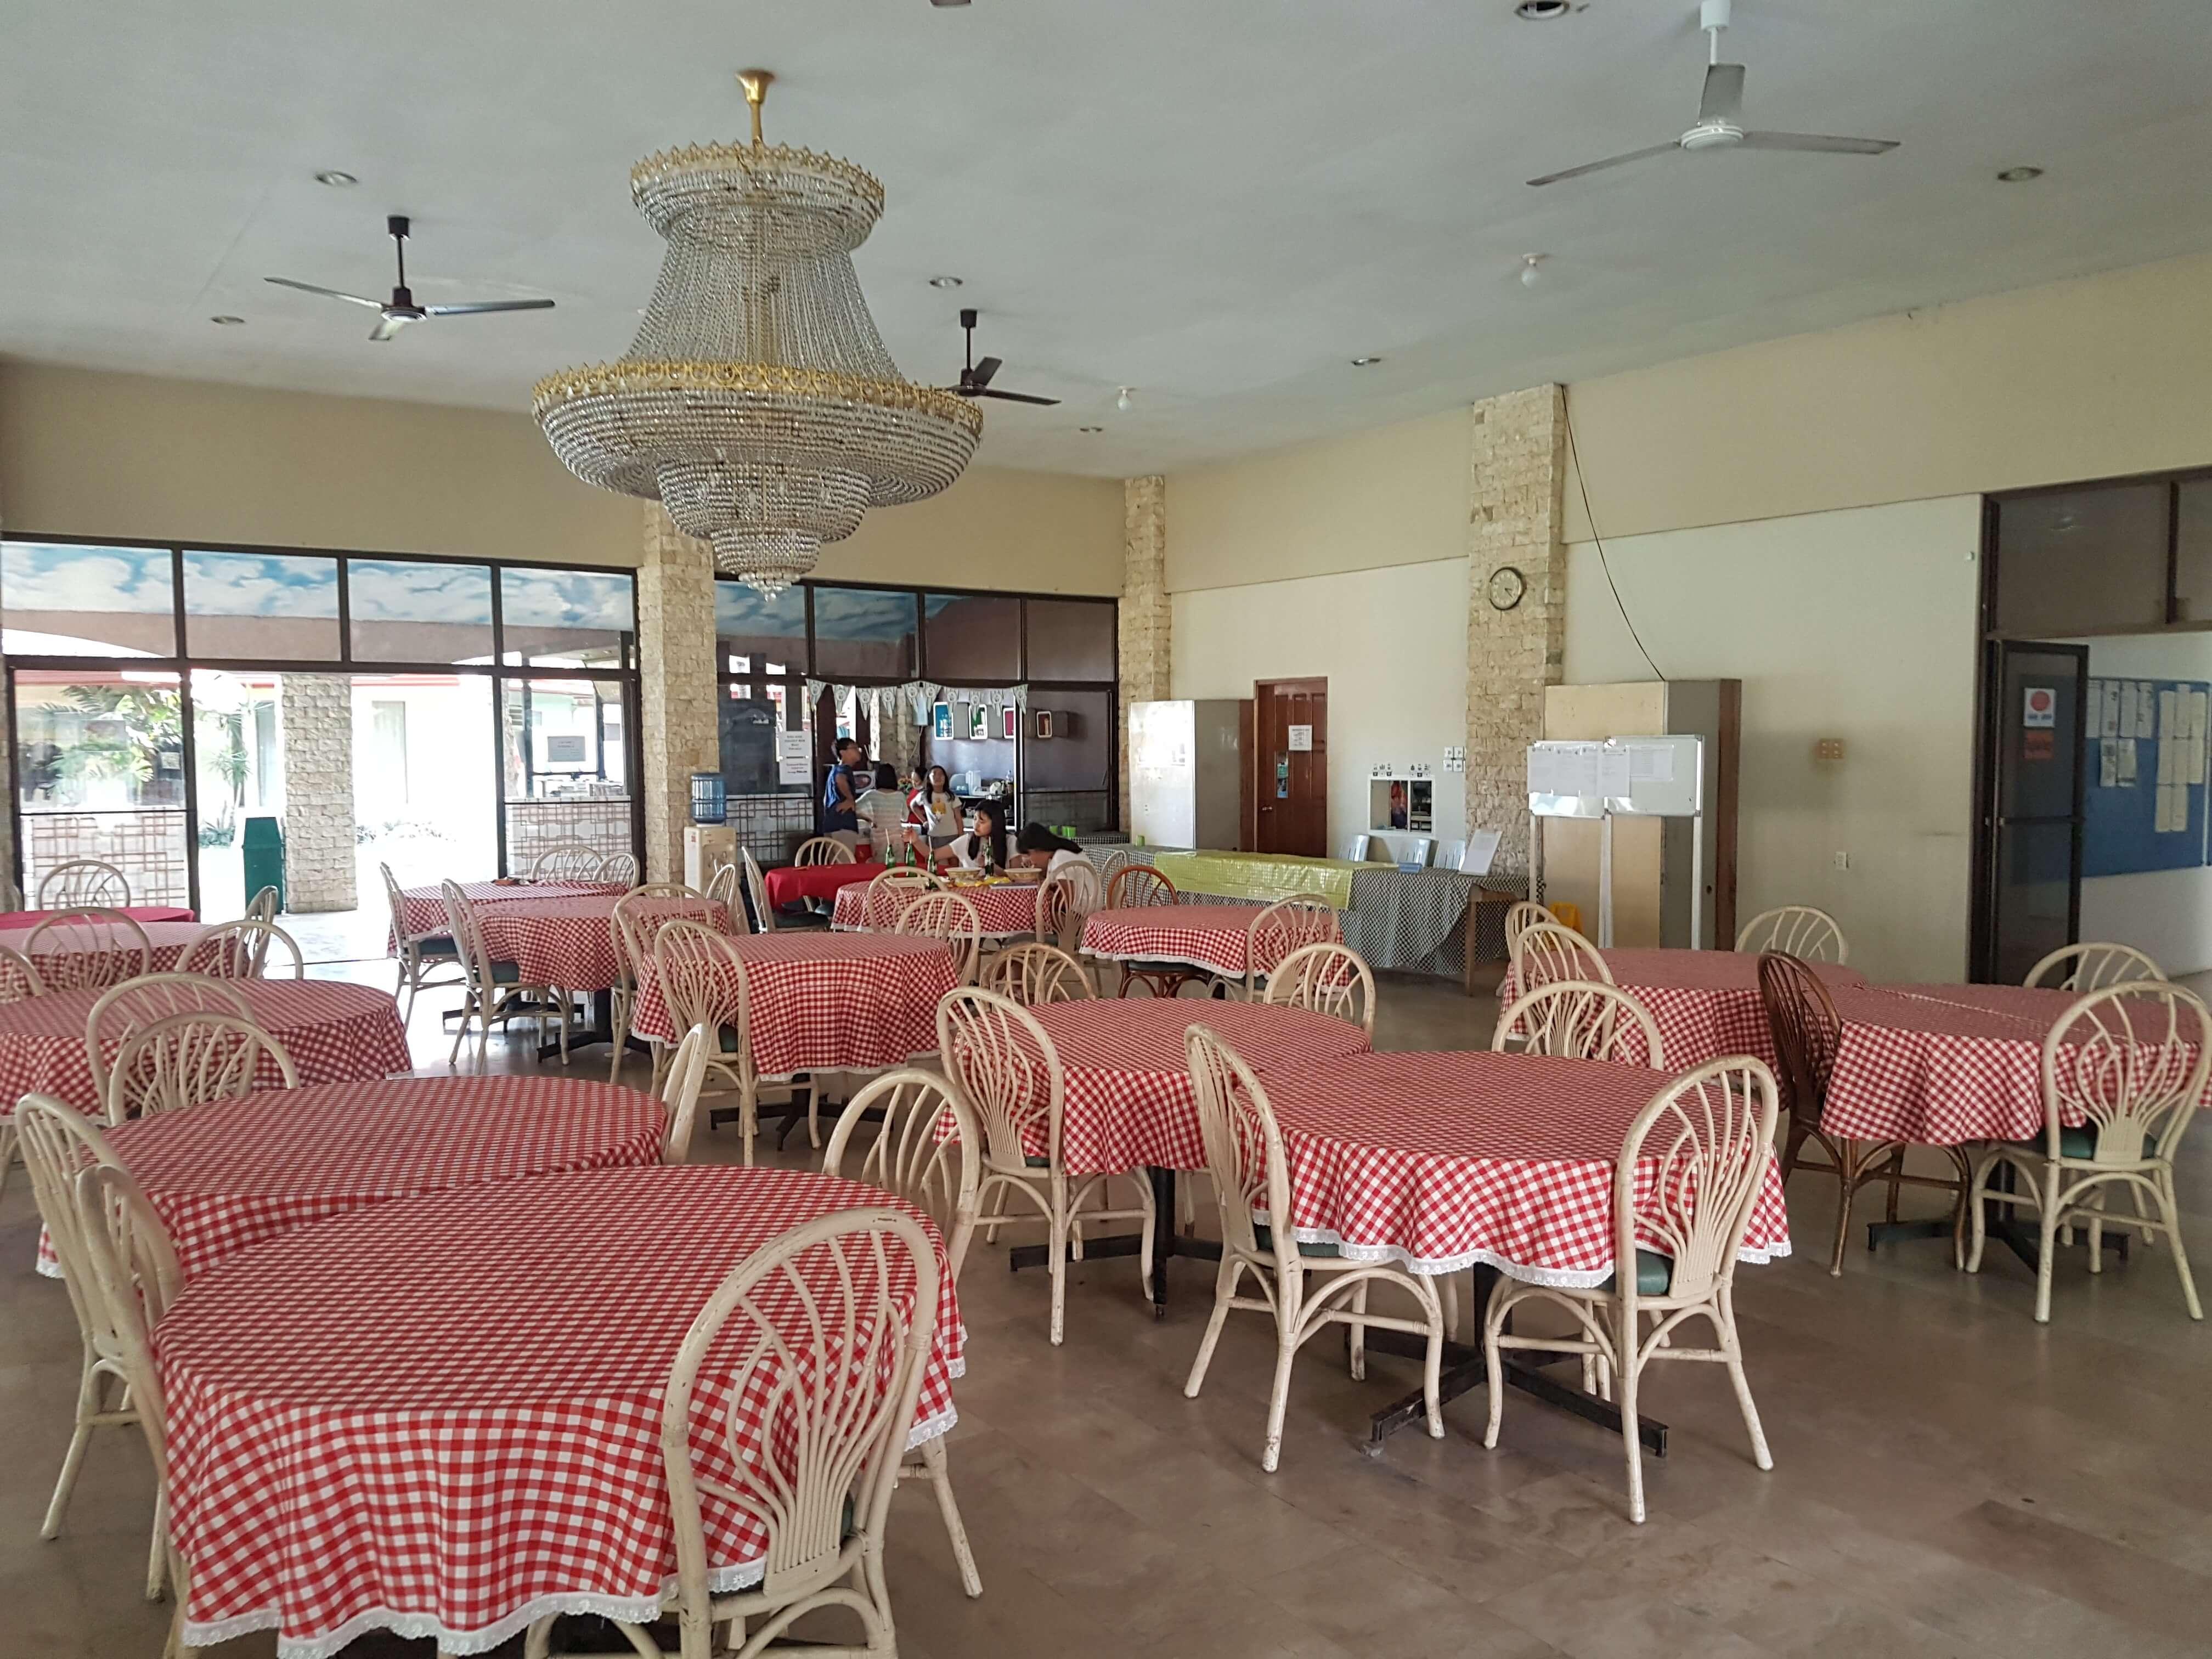 ELSA餐廳